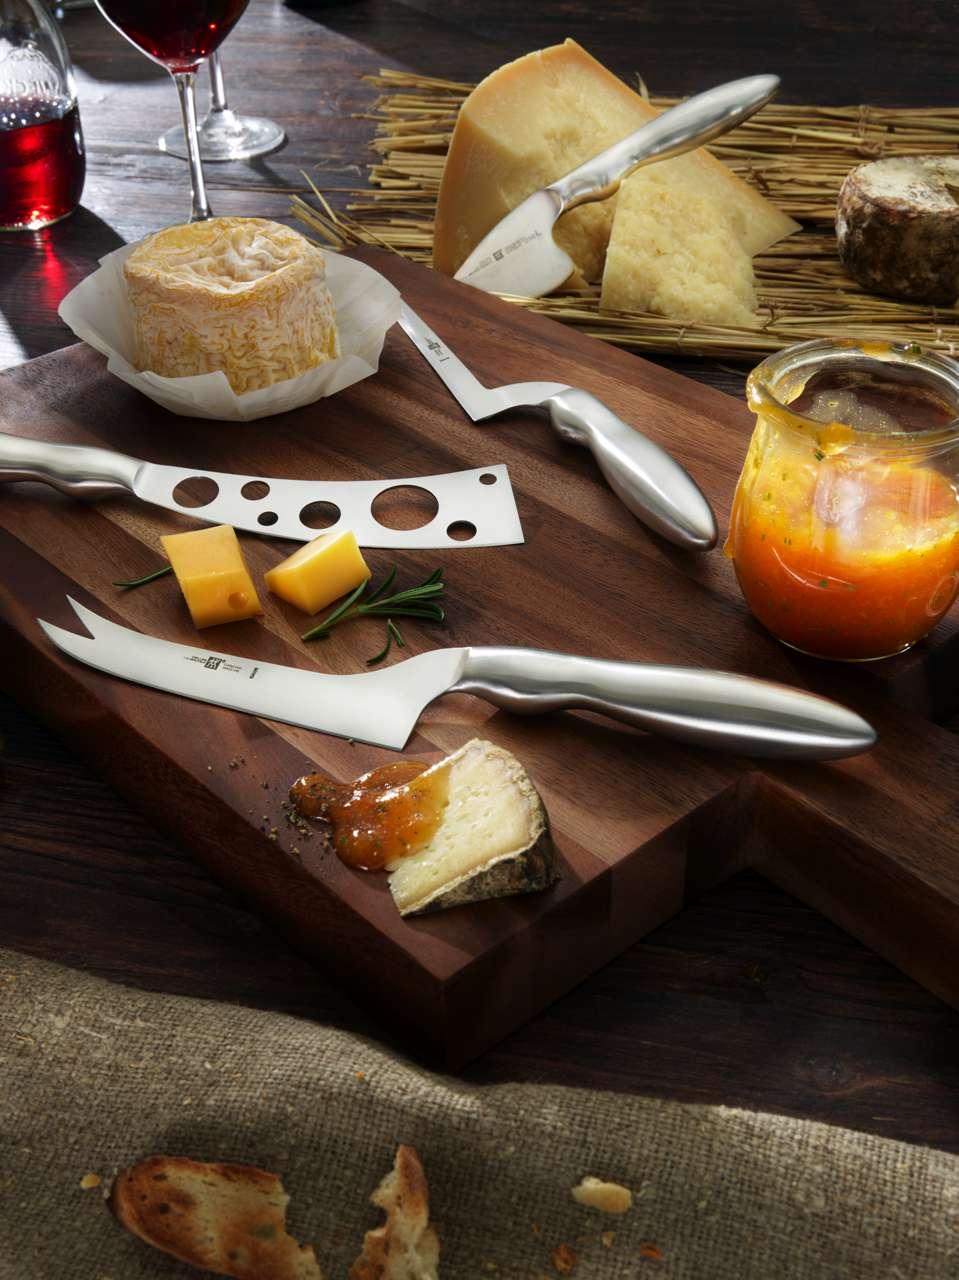 Perfekt für Schnittkäse: Das geschwungene Käsemesser aus der ZWILLING Collection, Schnittfreudig zeigt sich das Käsemesser aus der Serie ZWILLING Dinner. Foto: ZWILLING